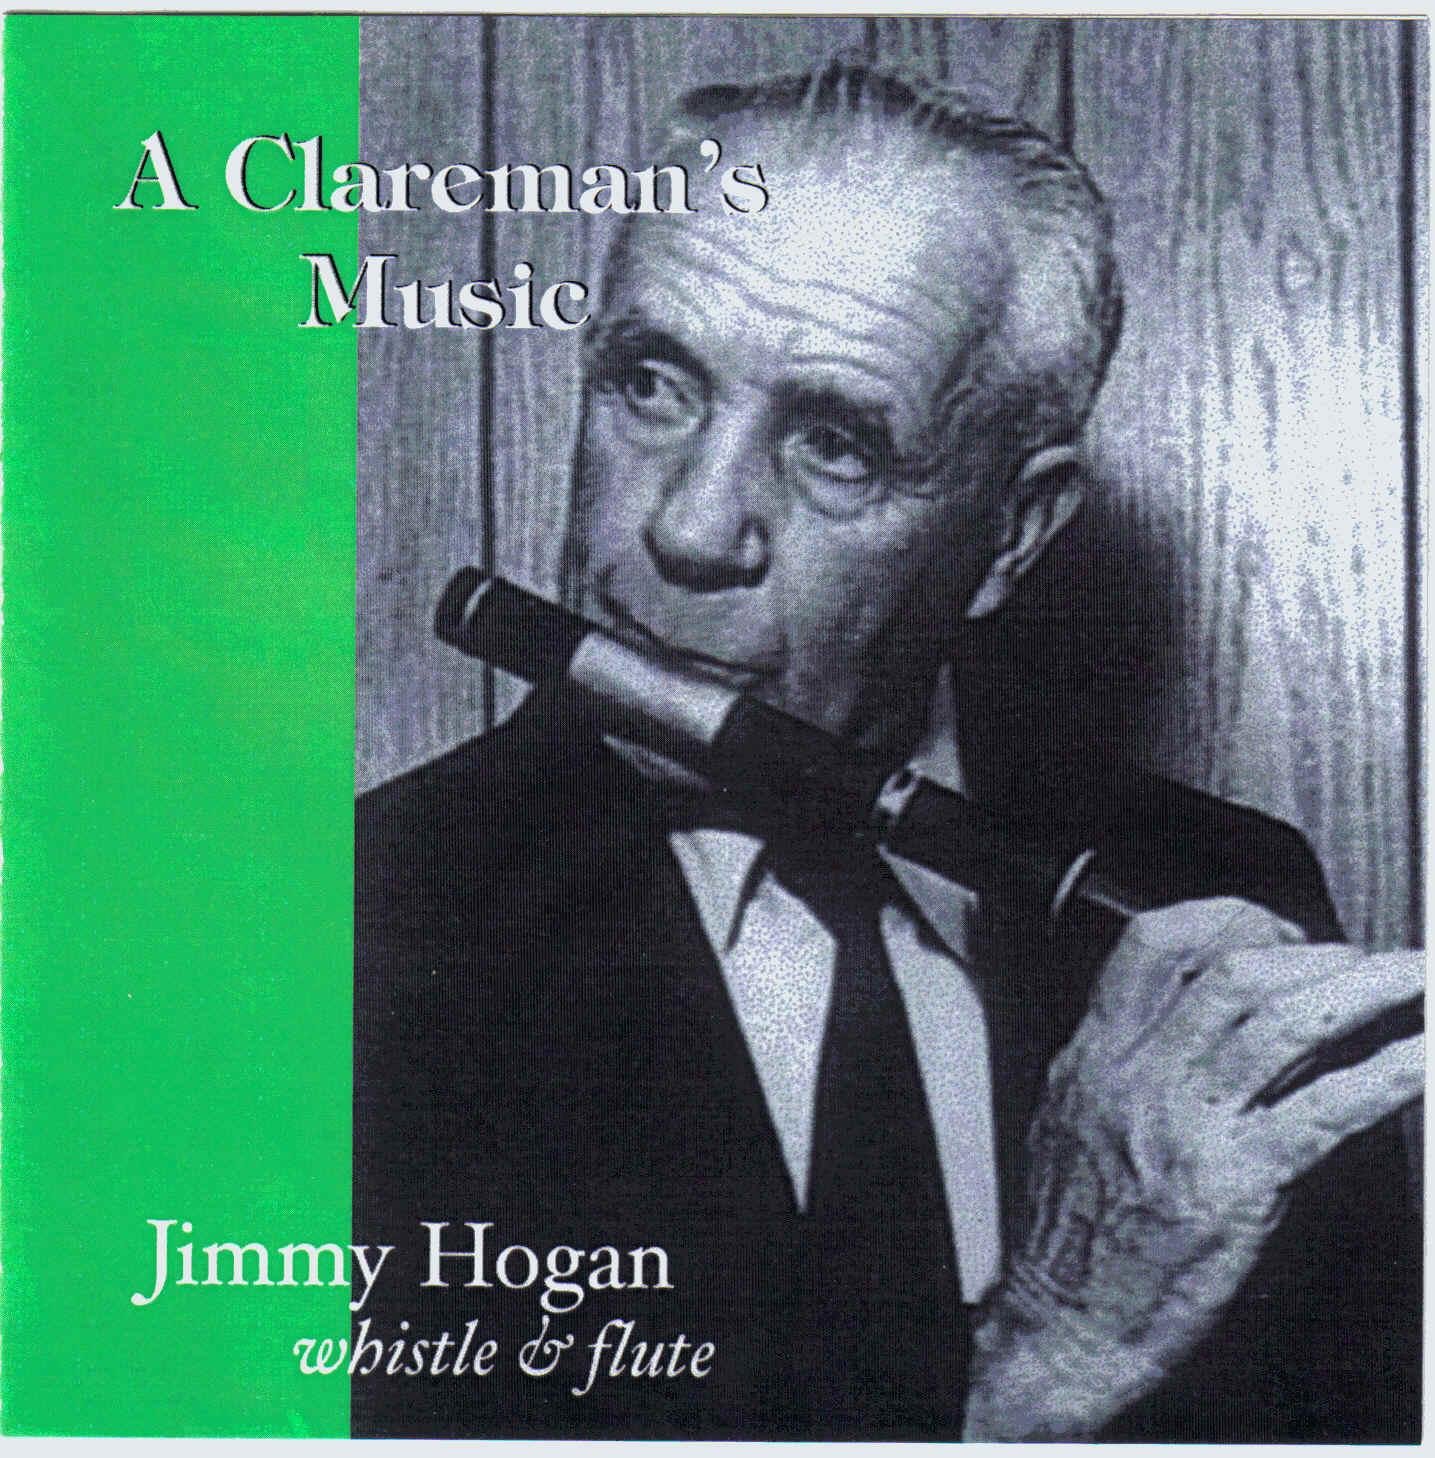 Jimmy Hogan CD cover